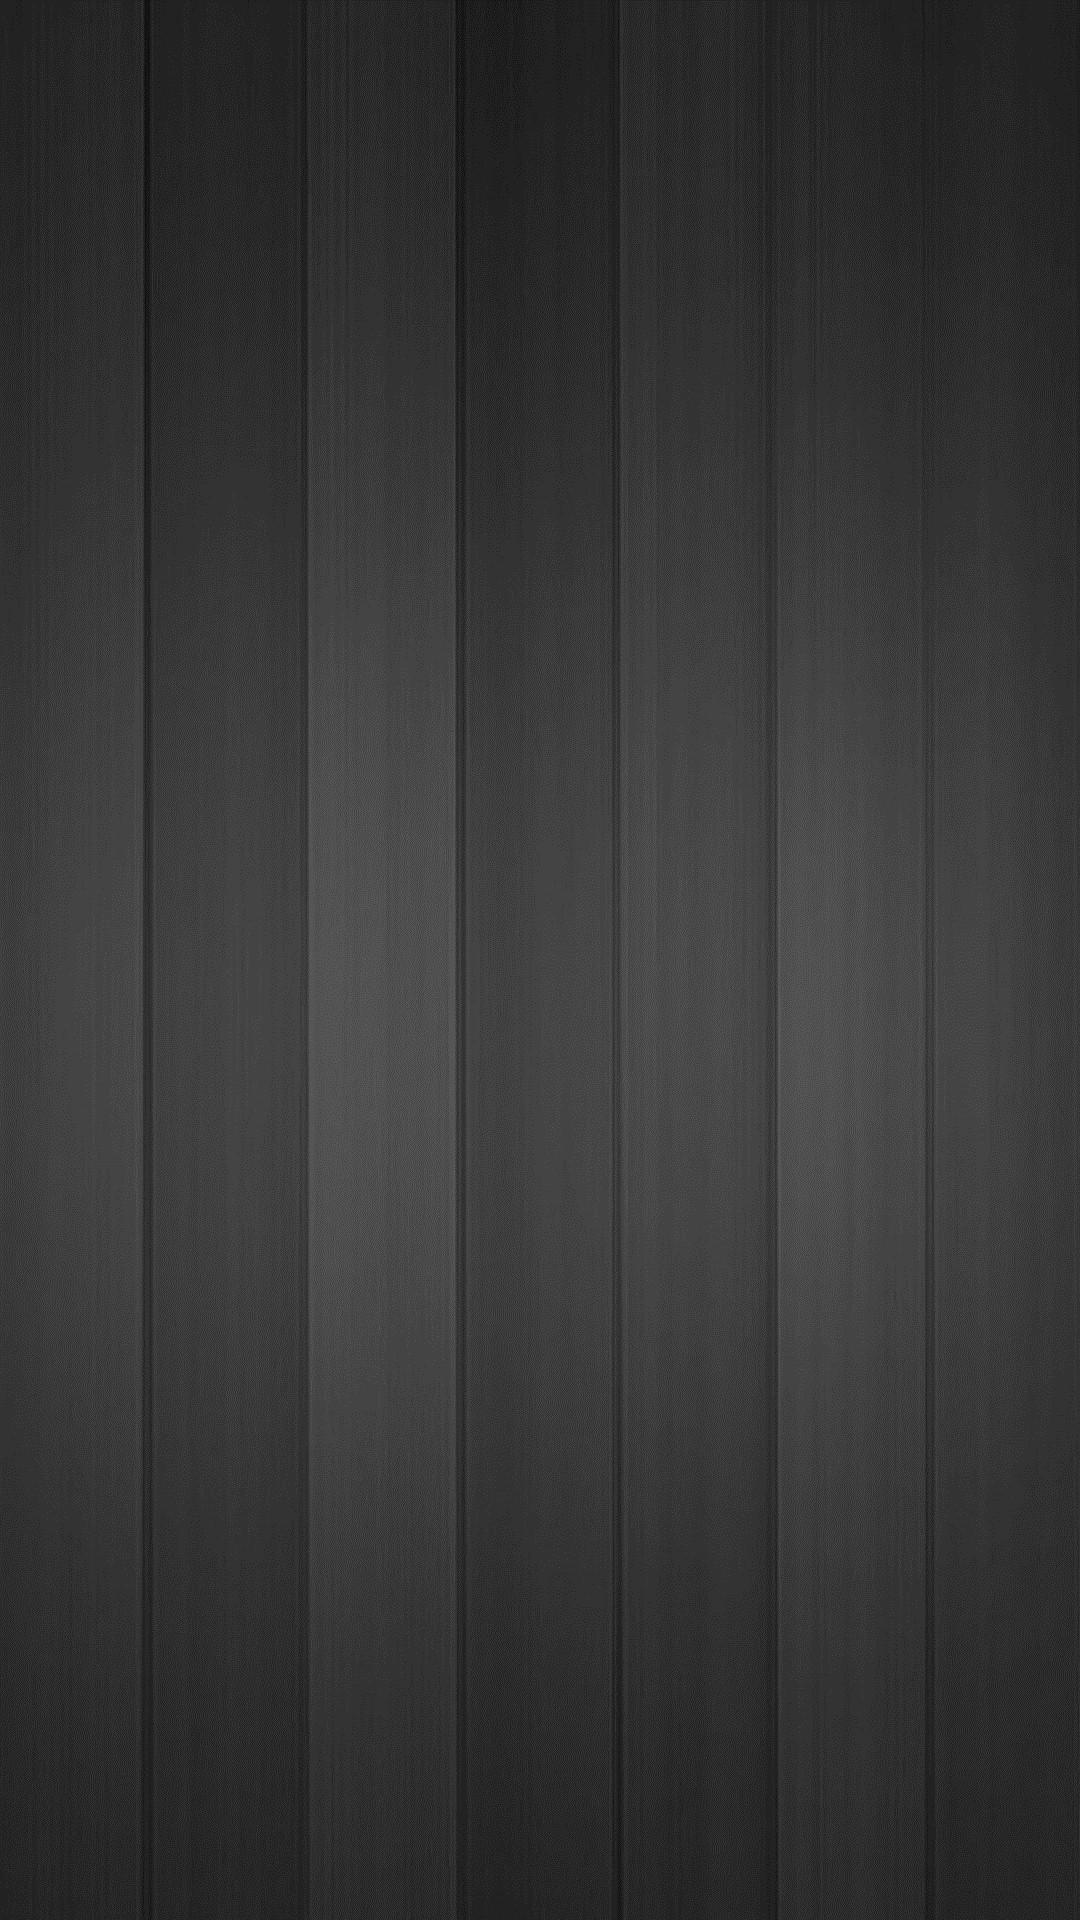 Gray ios wallpaper